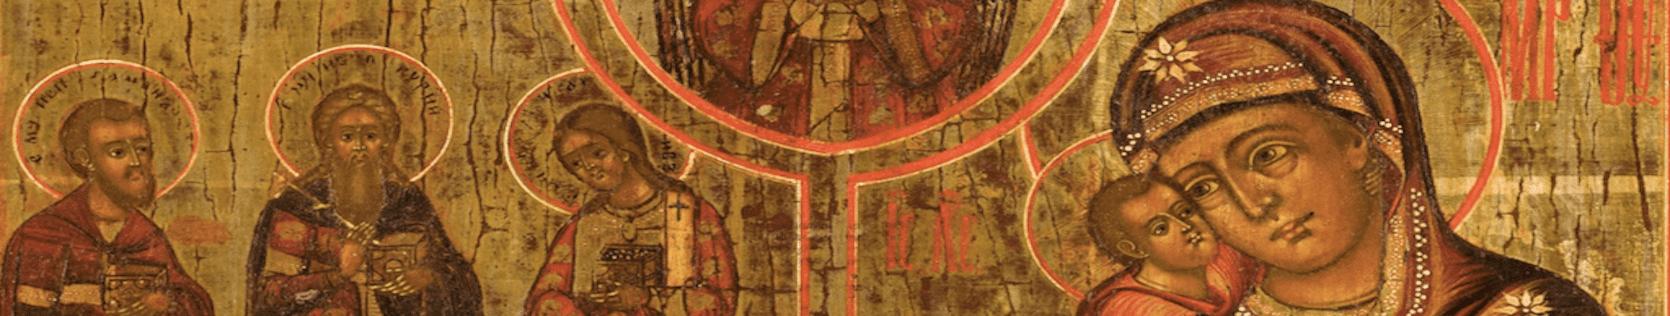 Антикварные иконы